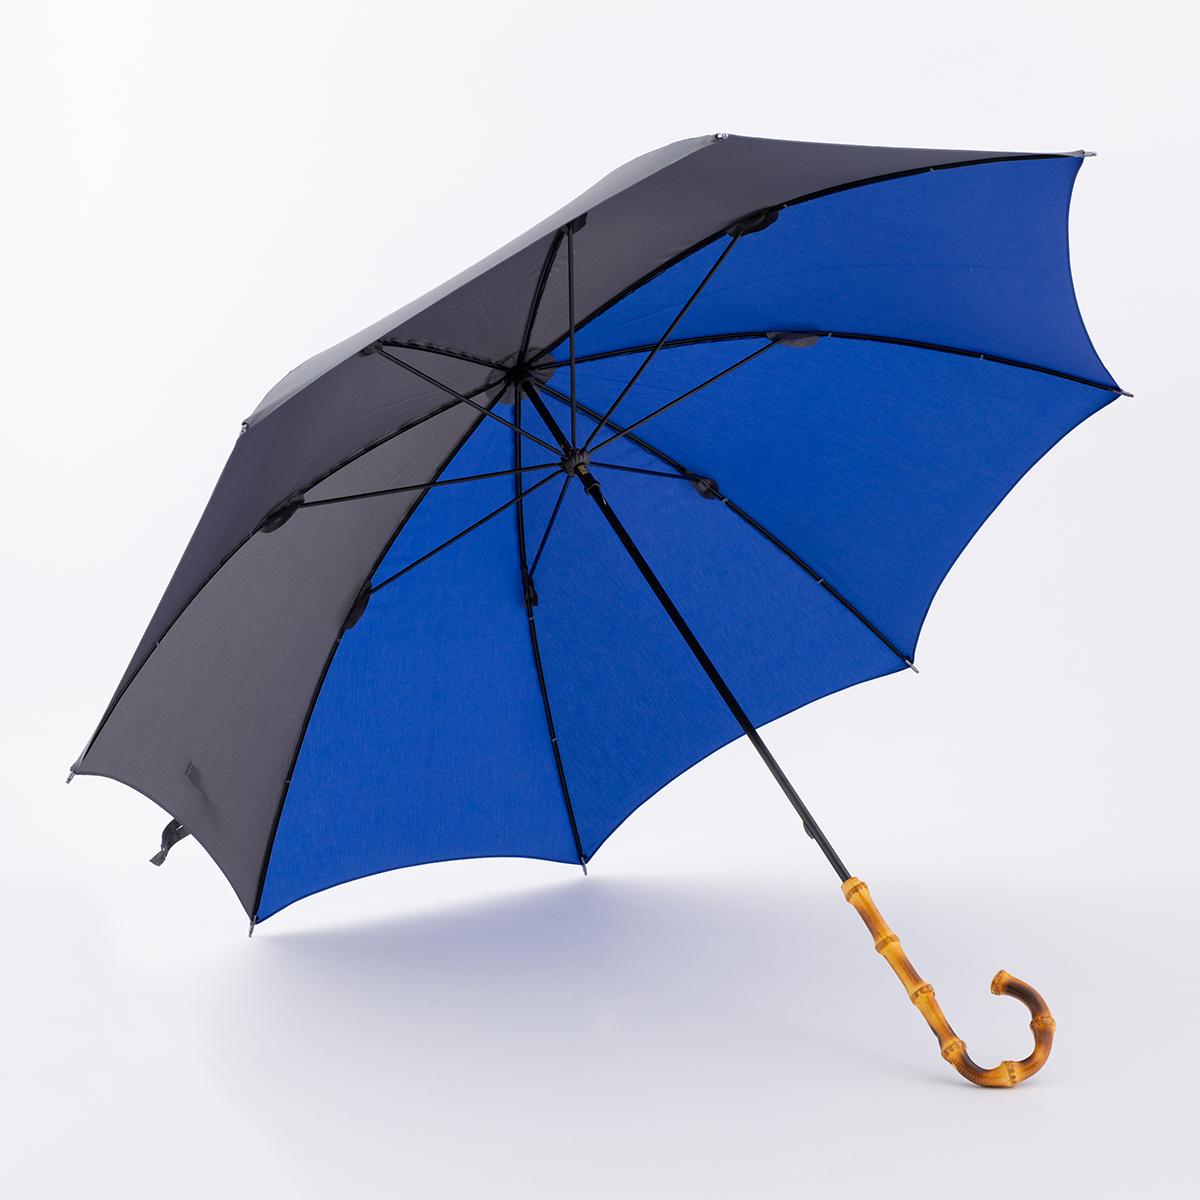 刺繍、レース、色使い、細やかな作りが、優雅で綺麗な「日傘・長傘」|BON BON STORE